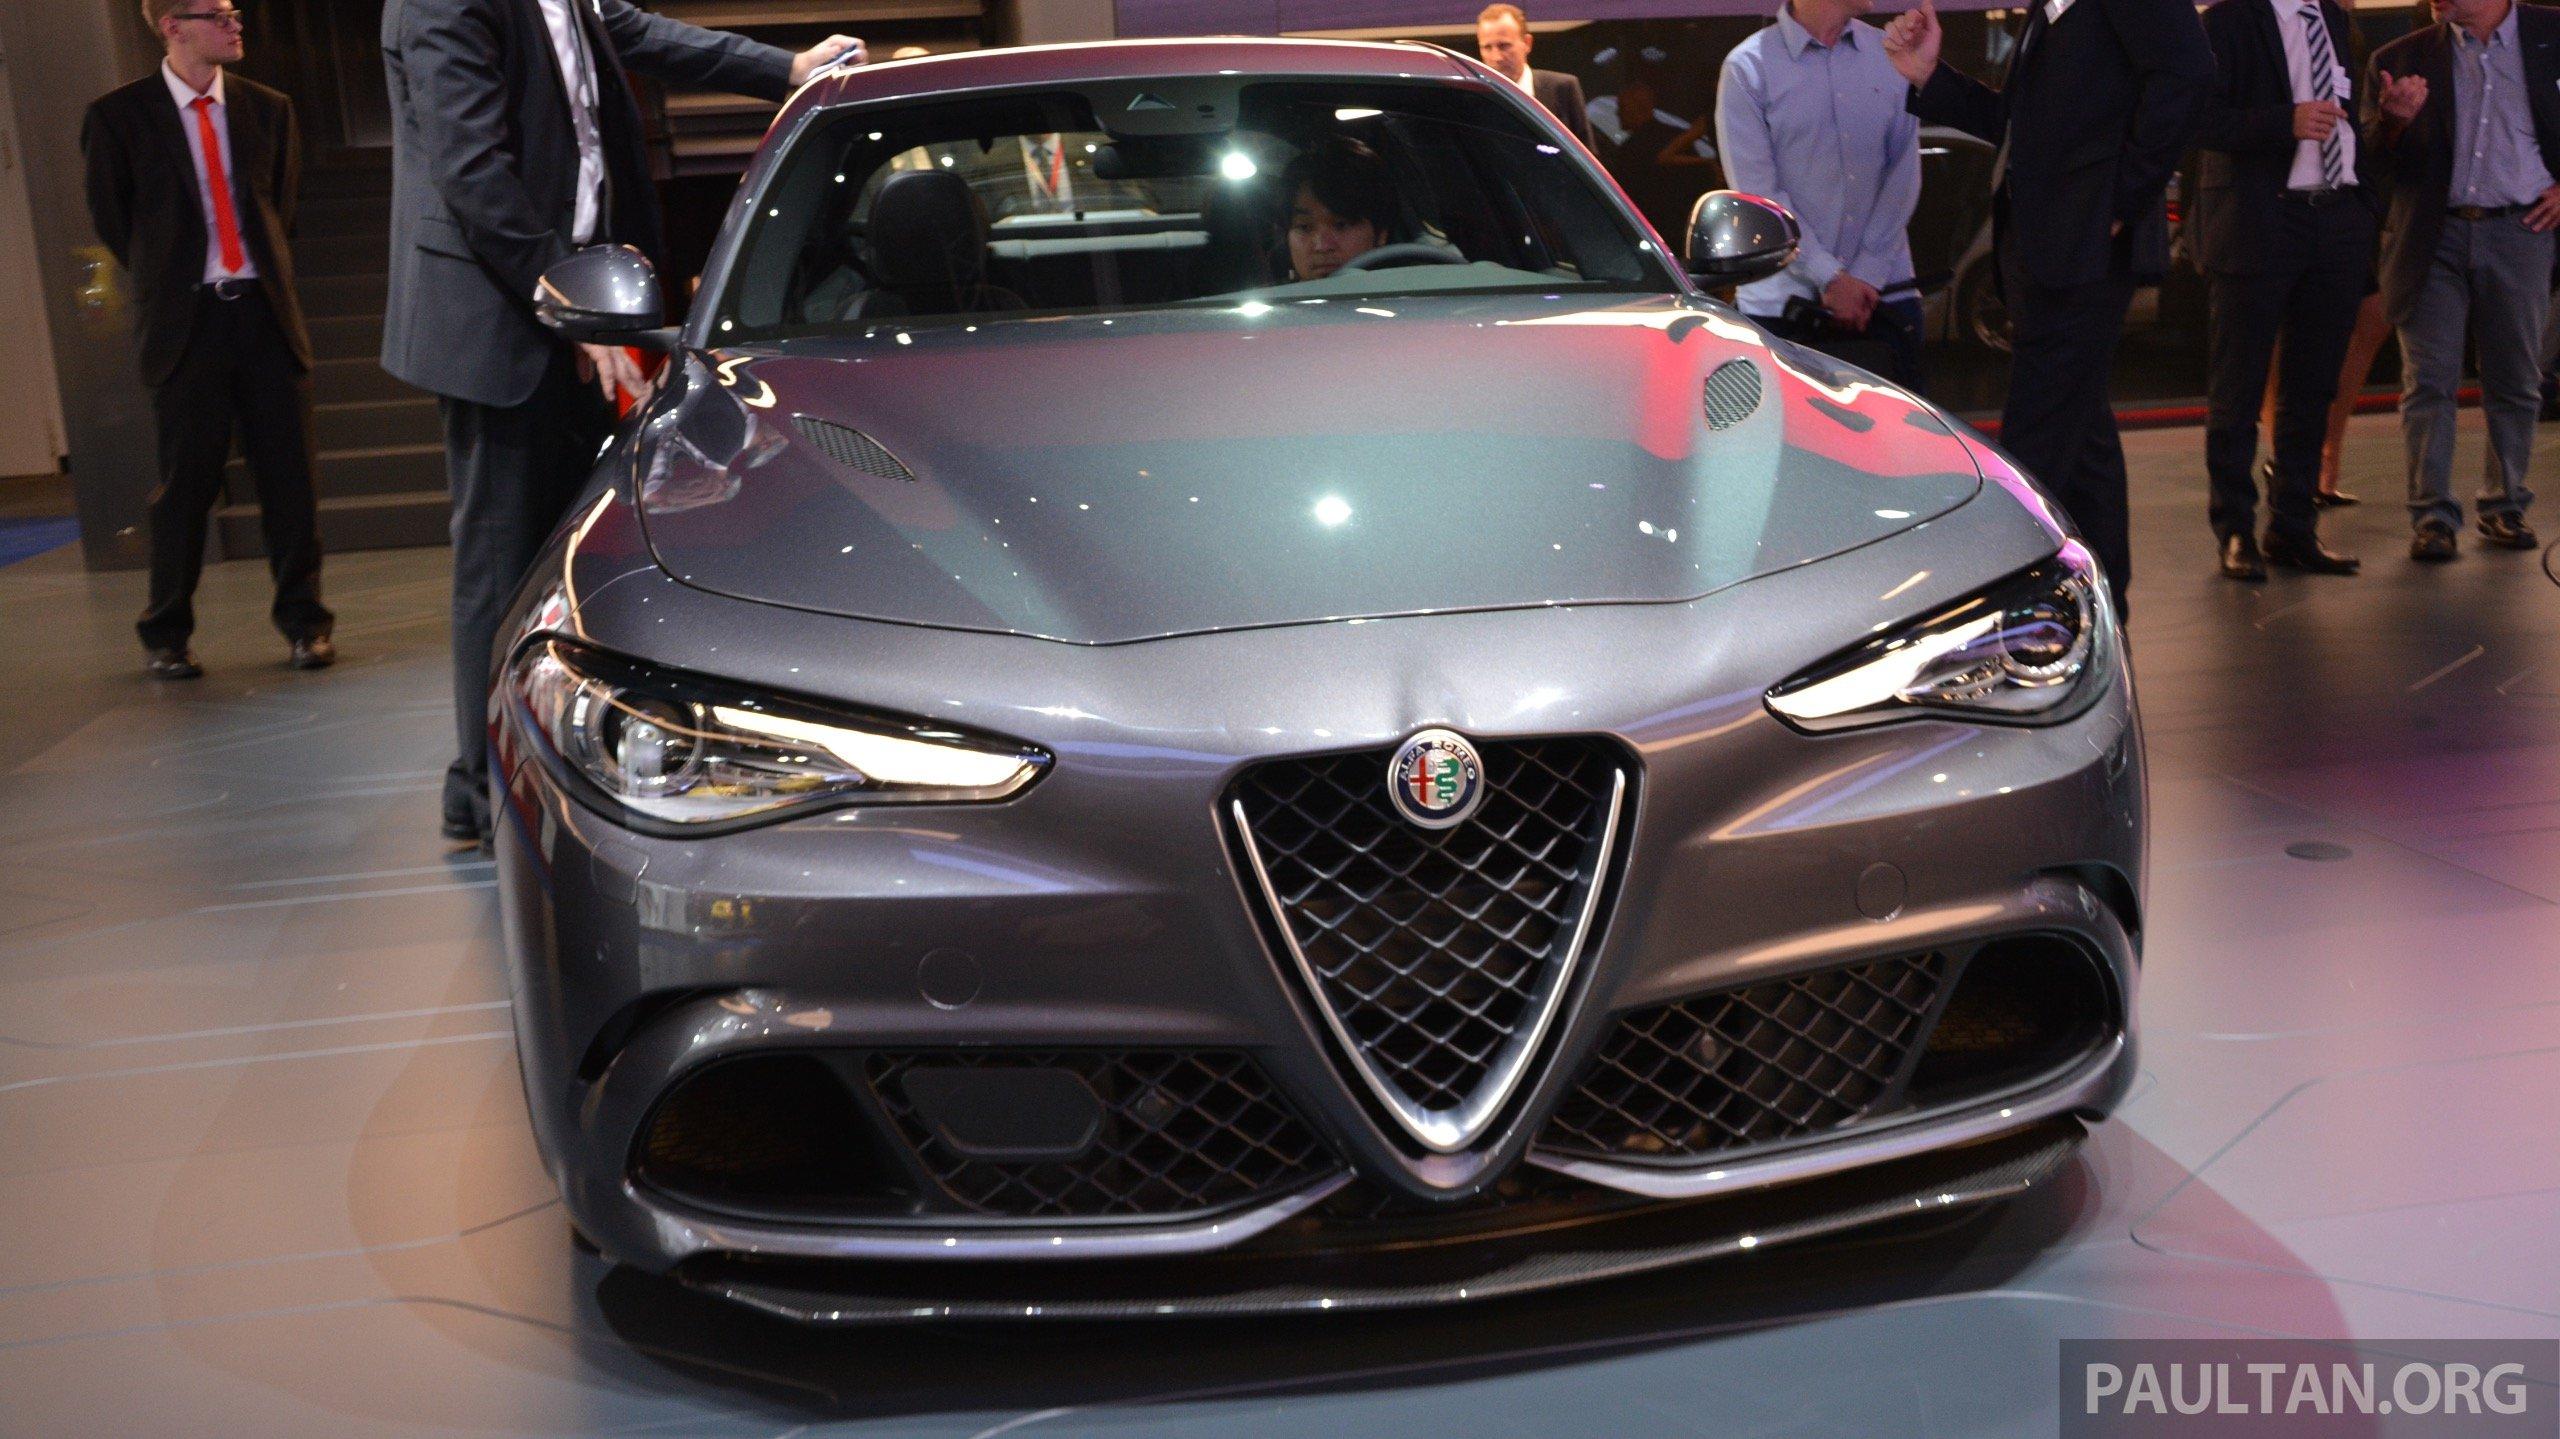 Frankfurt 2015: Alfa Romeo Giulia Quadrifoglio makes first public appearance – full look of the ...